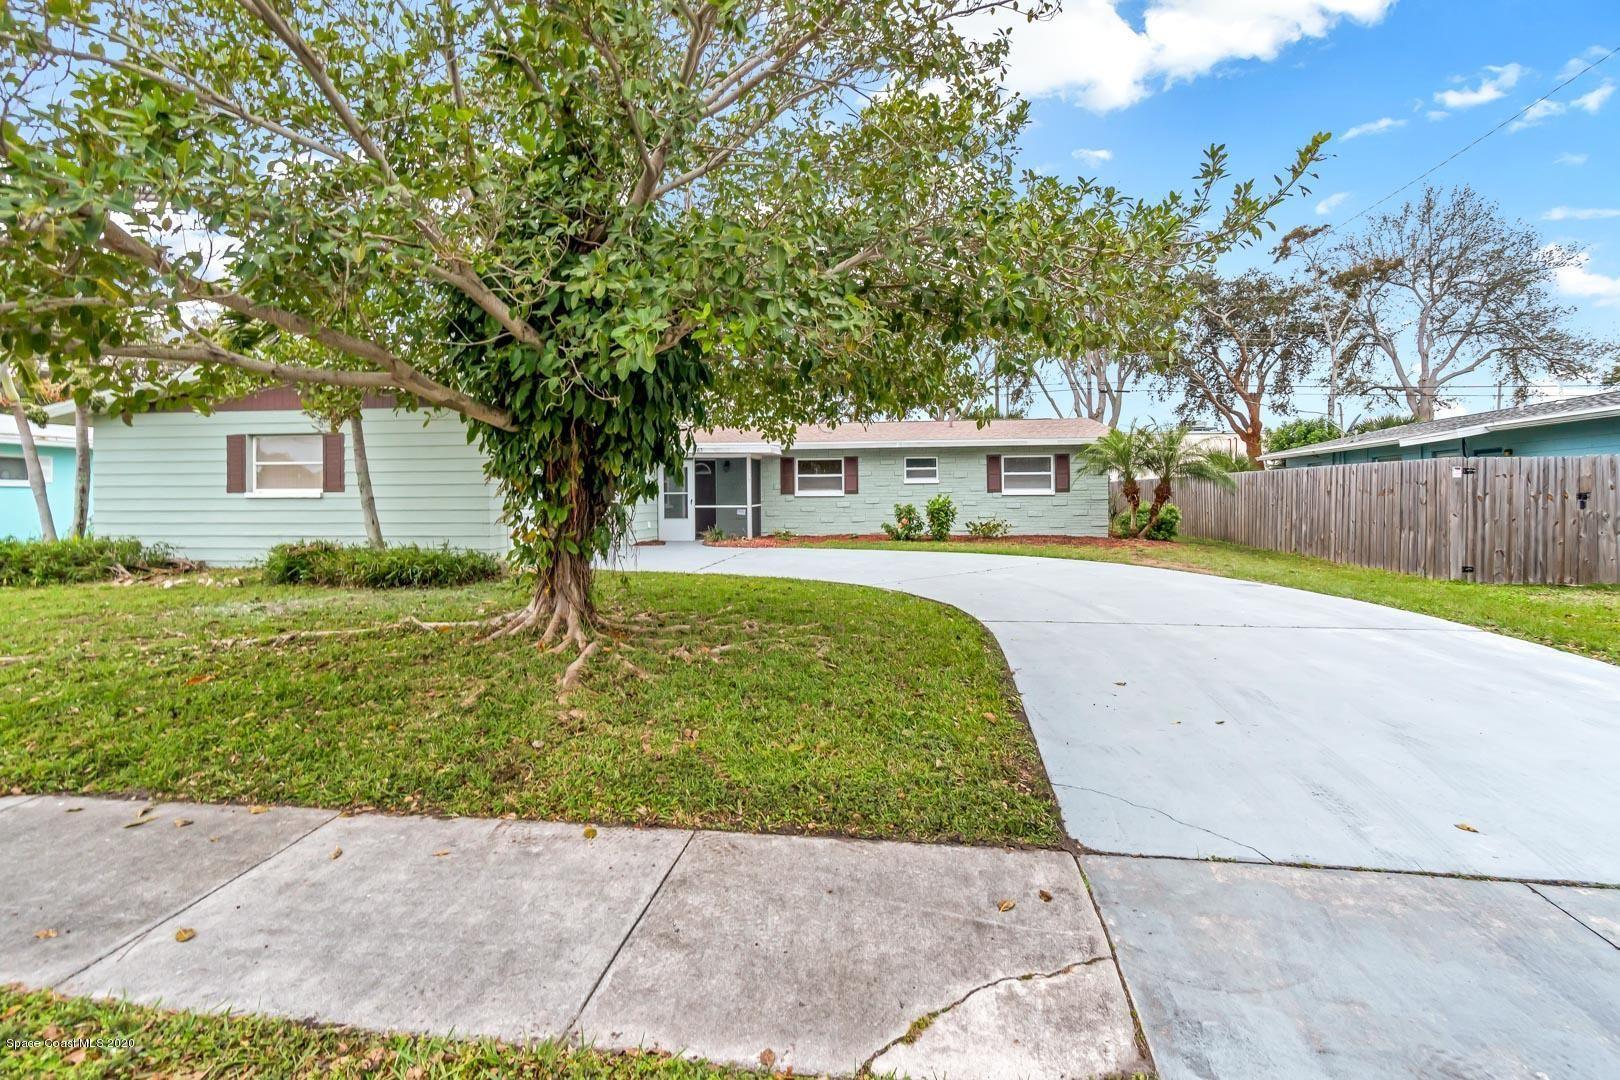 1465 Venus Street, Merritt Island, FL 32953 - MLS#: 863889